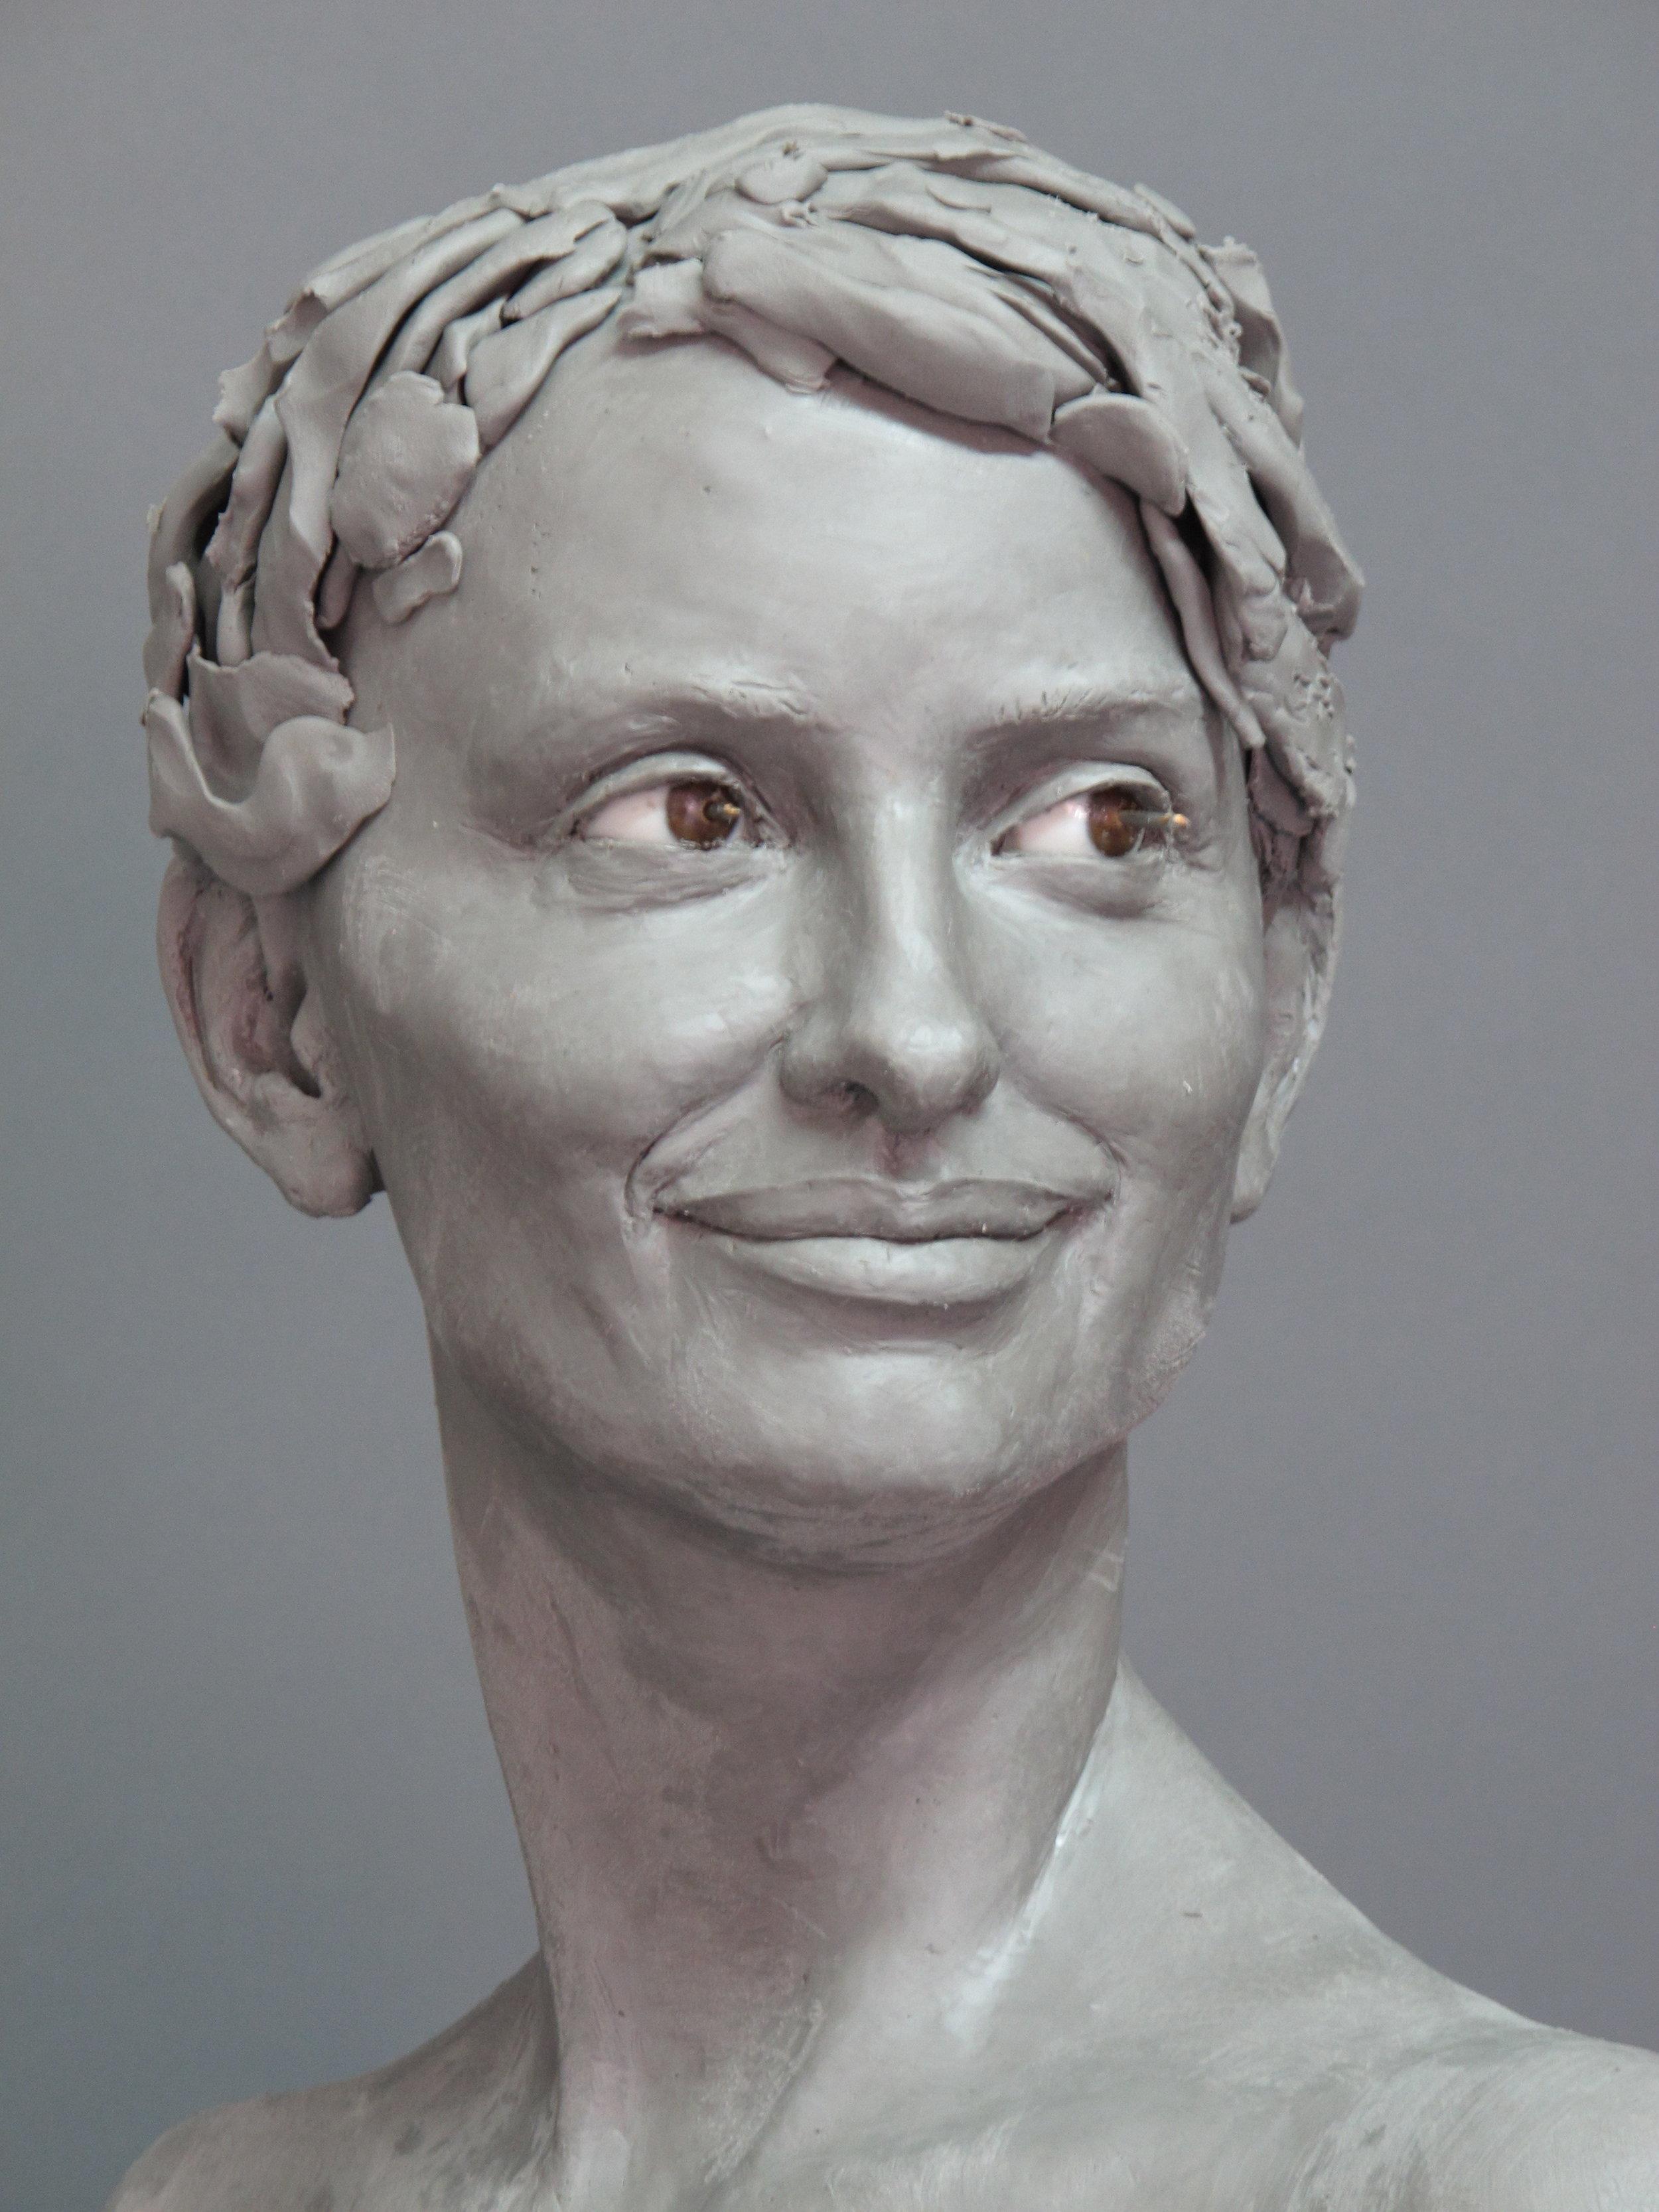 Penelope Cruz - Sculpture en terre par Eric Saint Chaffray - Credit Musée Grevin